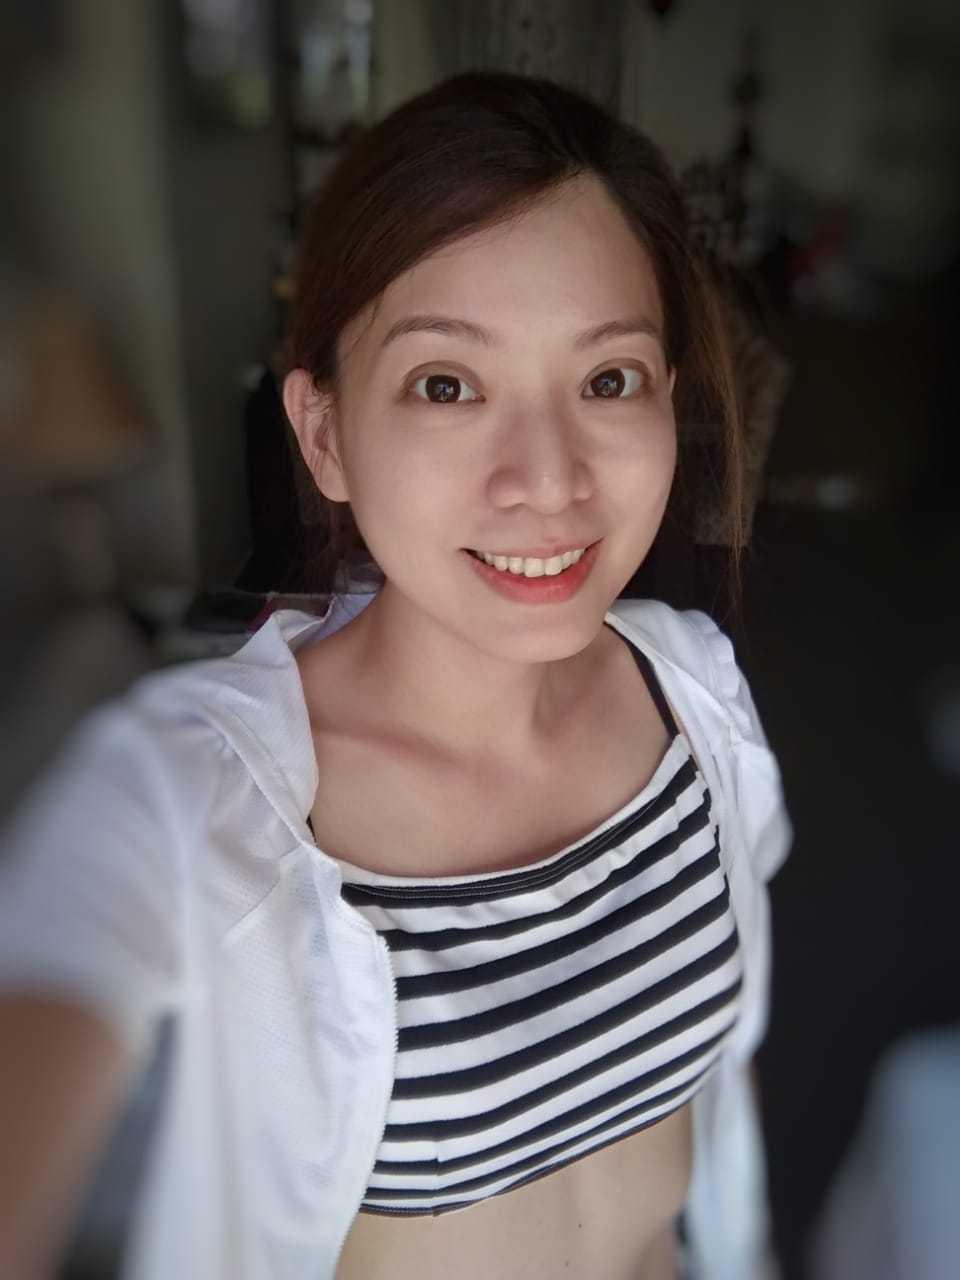 香港女歌手歌莉雅。 圖/擷自歌莉雅臉書